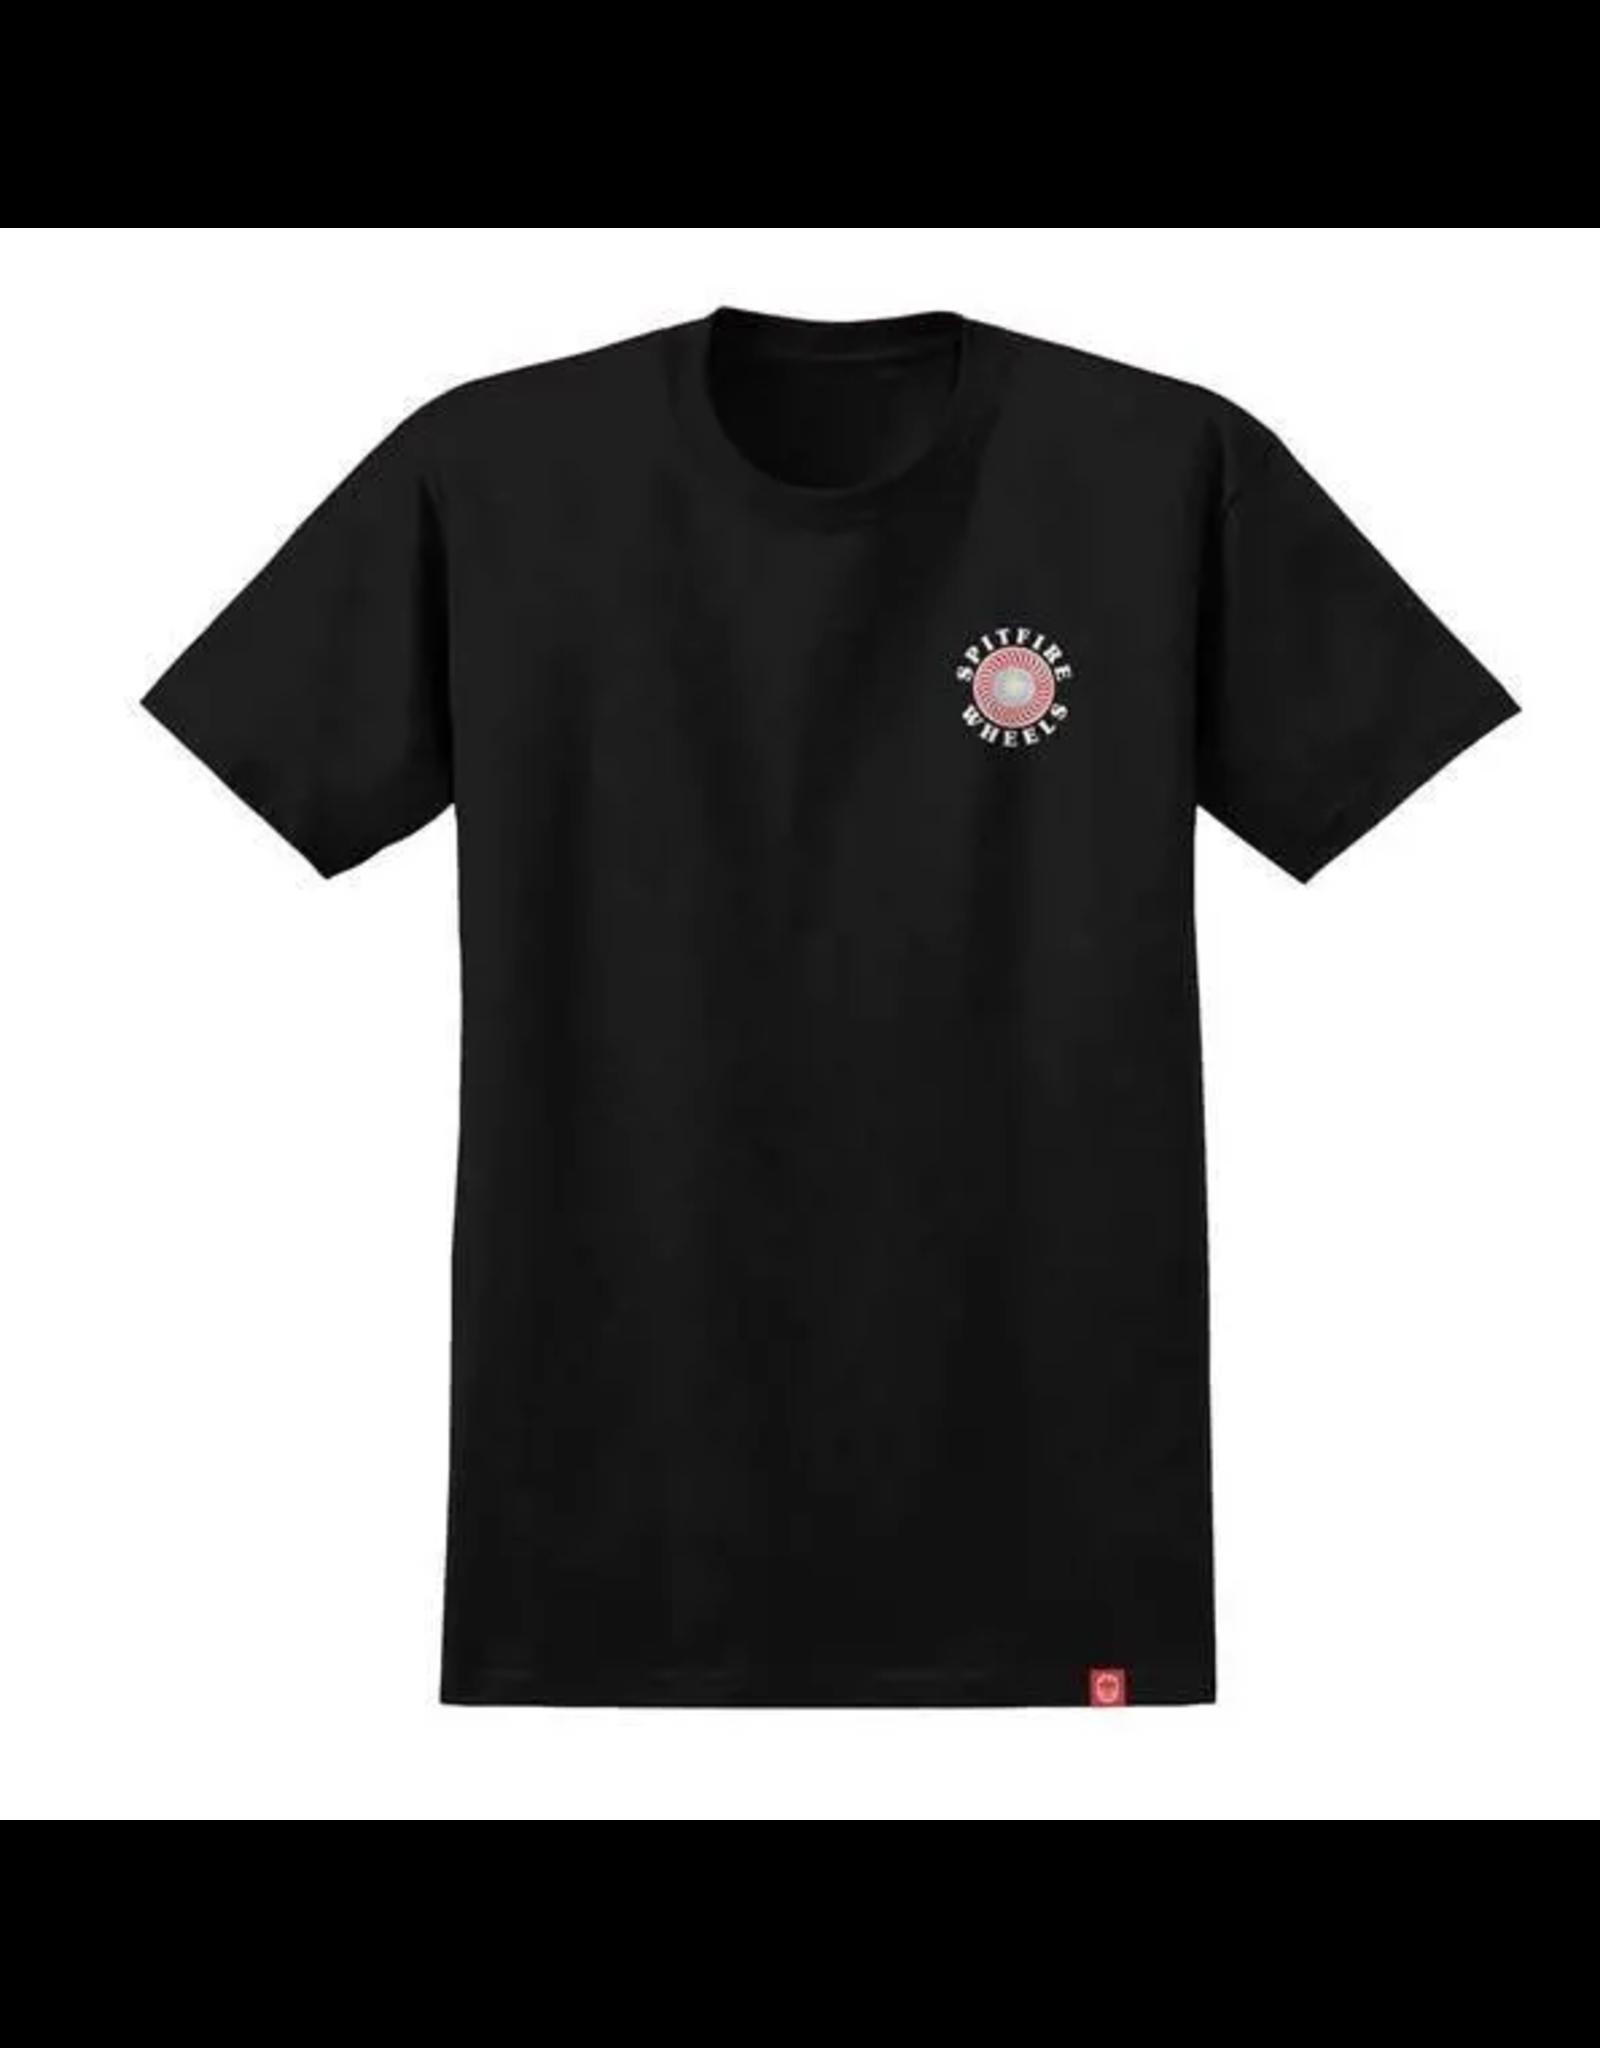 Spitfire OG Classic Fill T-Shirt - Black/Multi